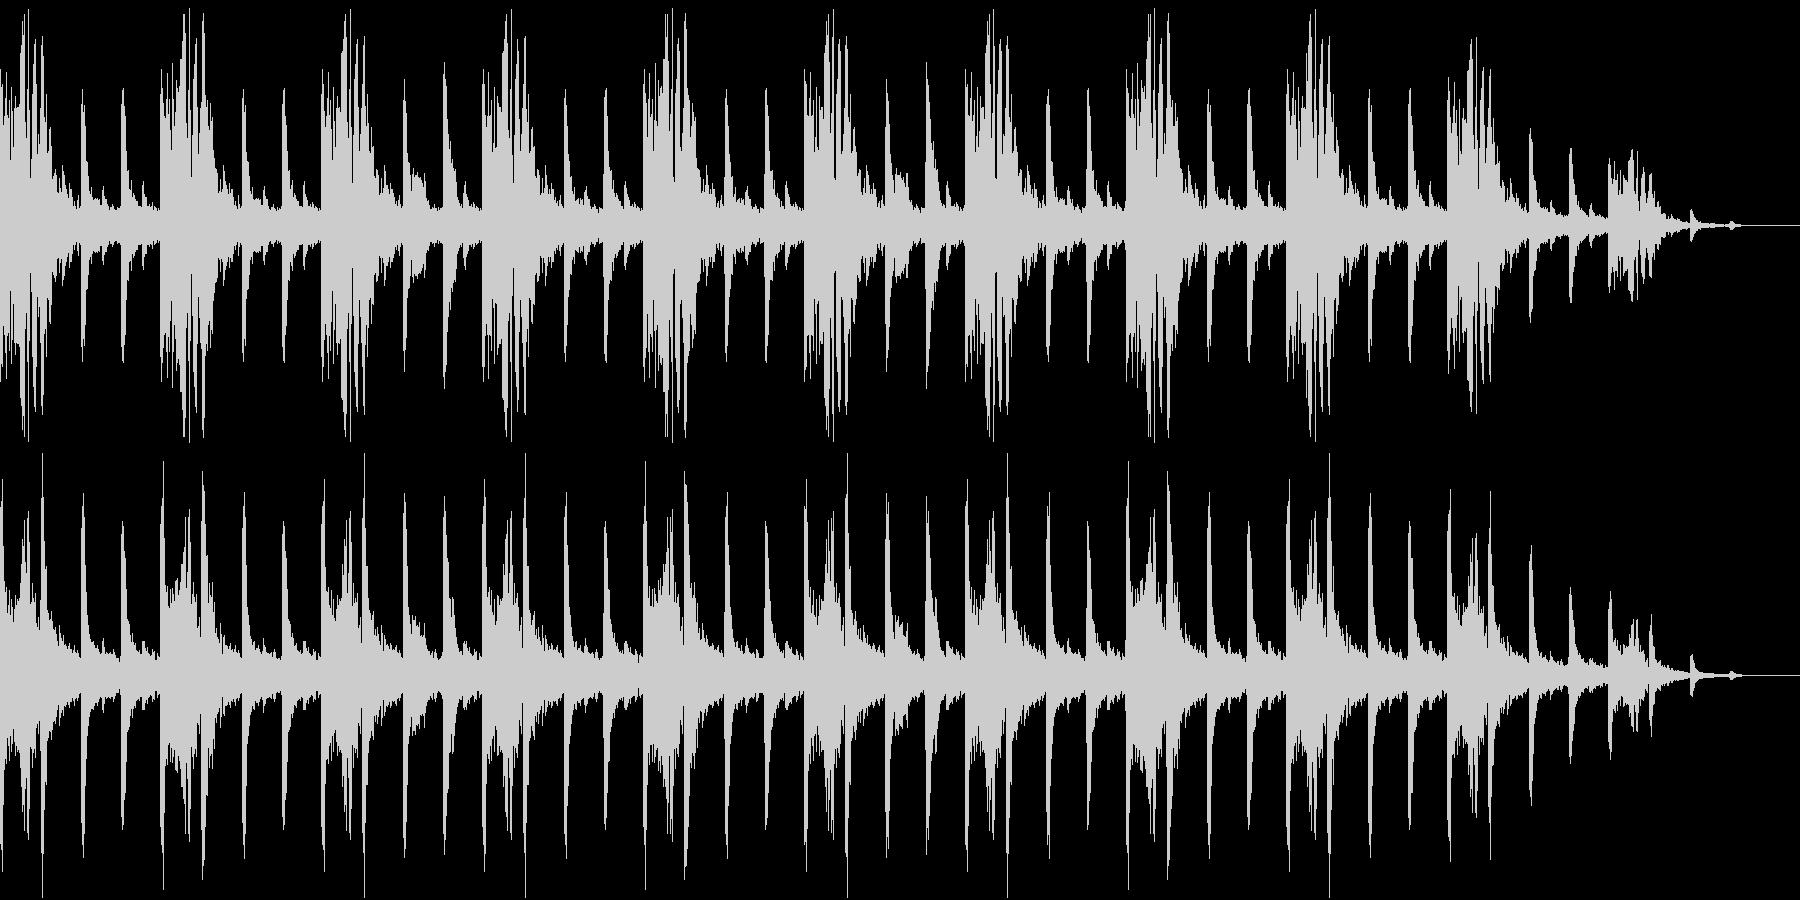 深夜山林で発生した猟奇事件(劇伴向け)の未再生の波形